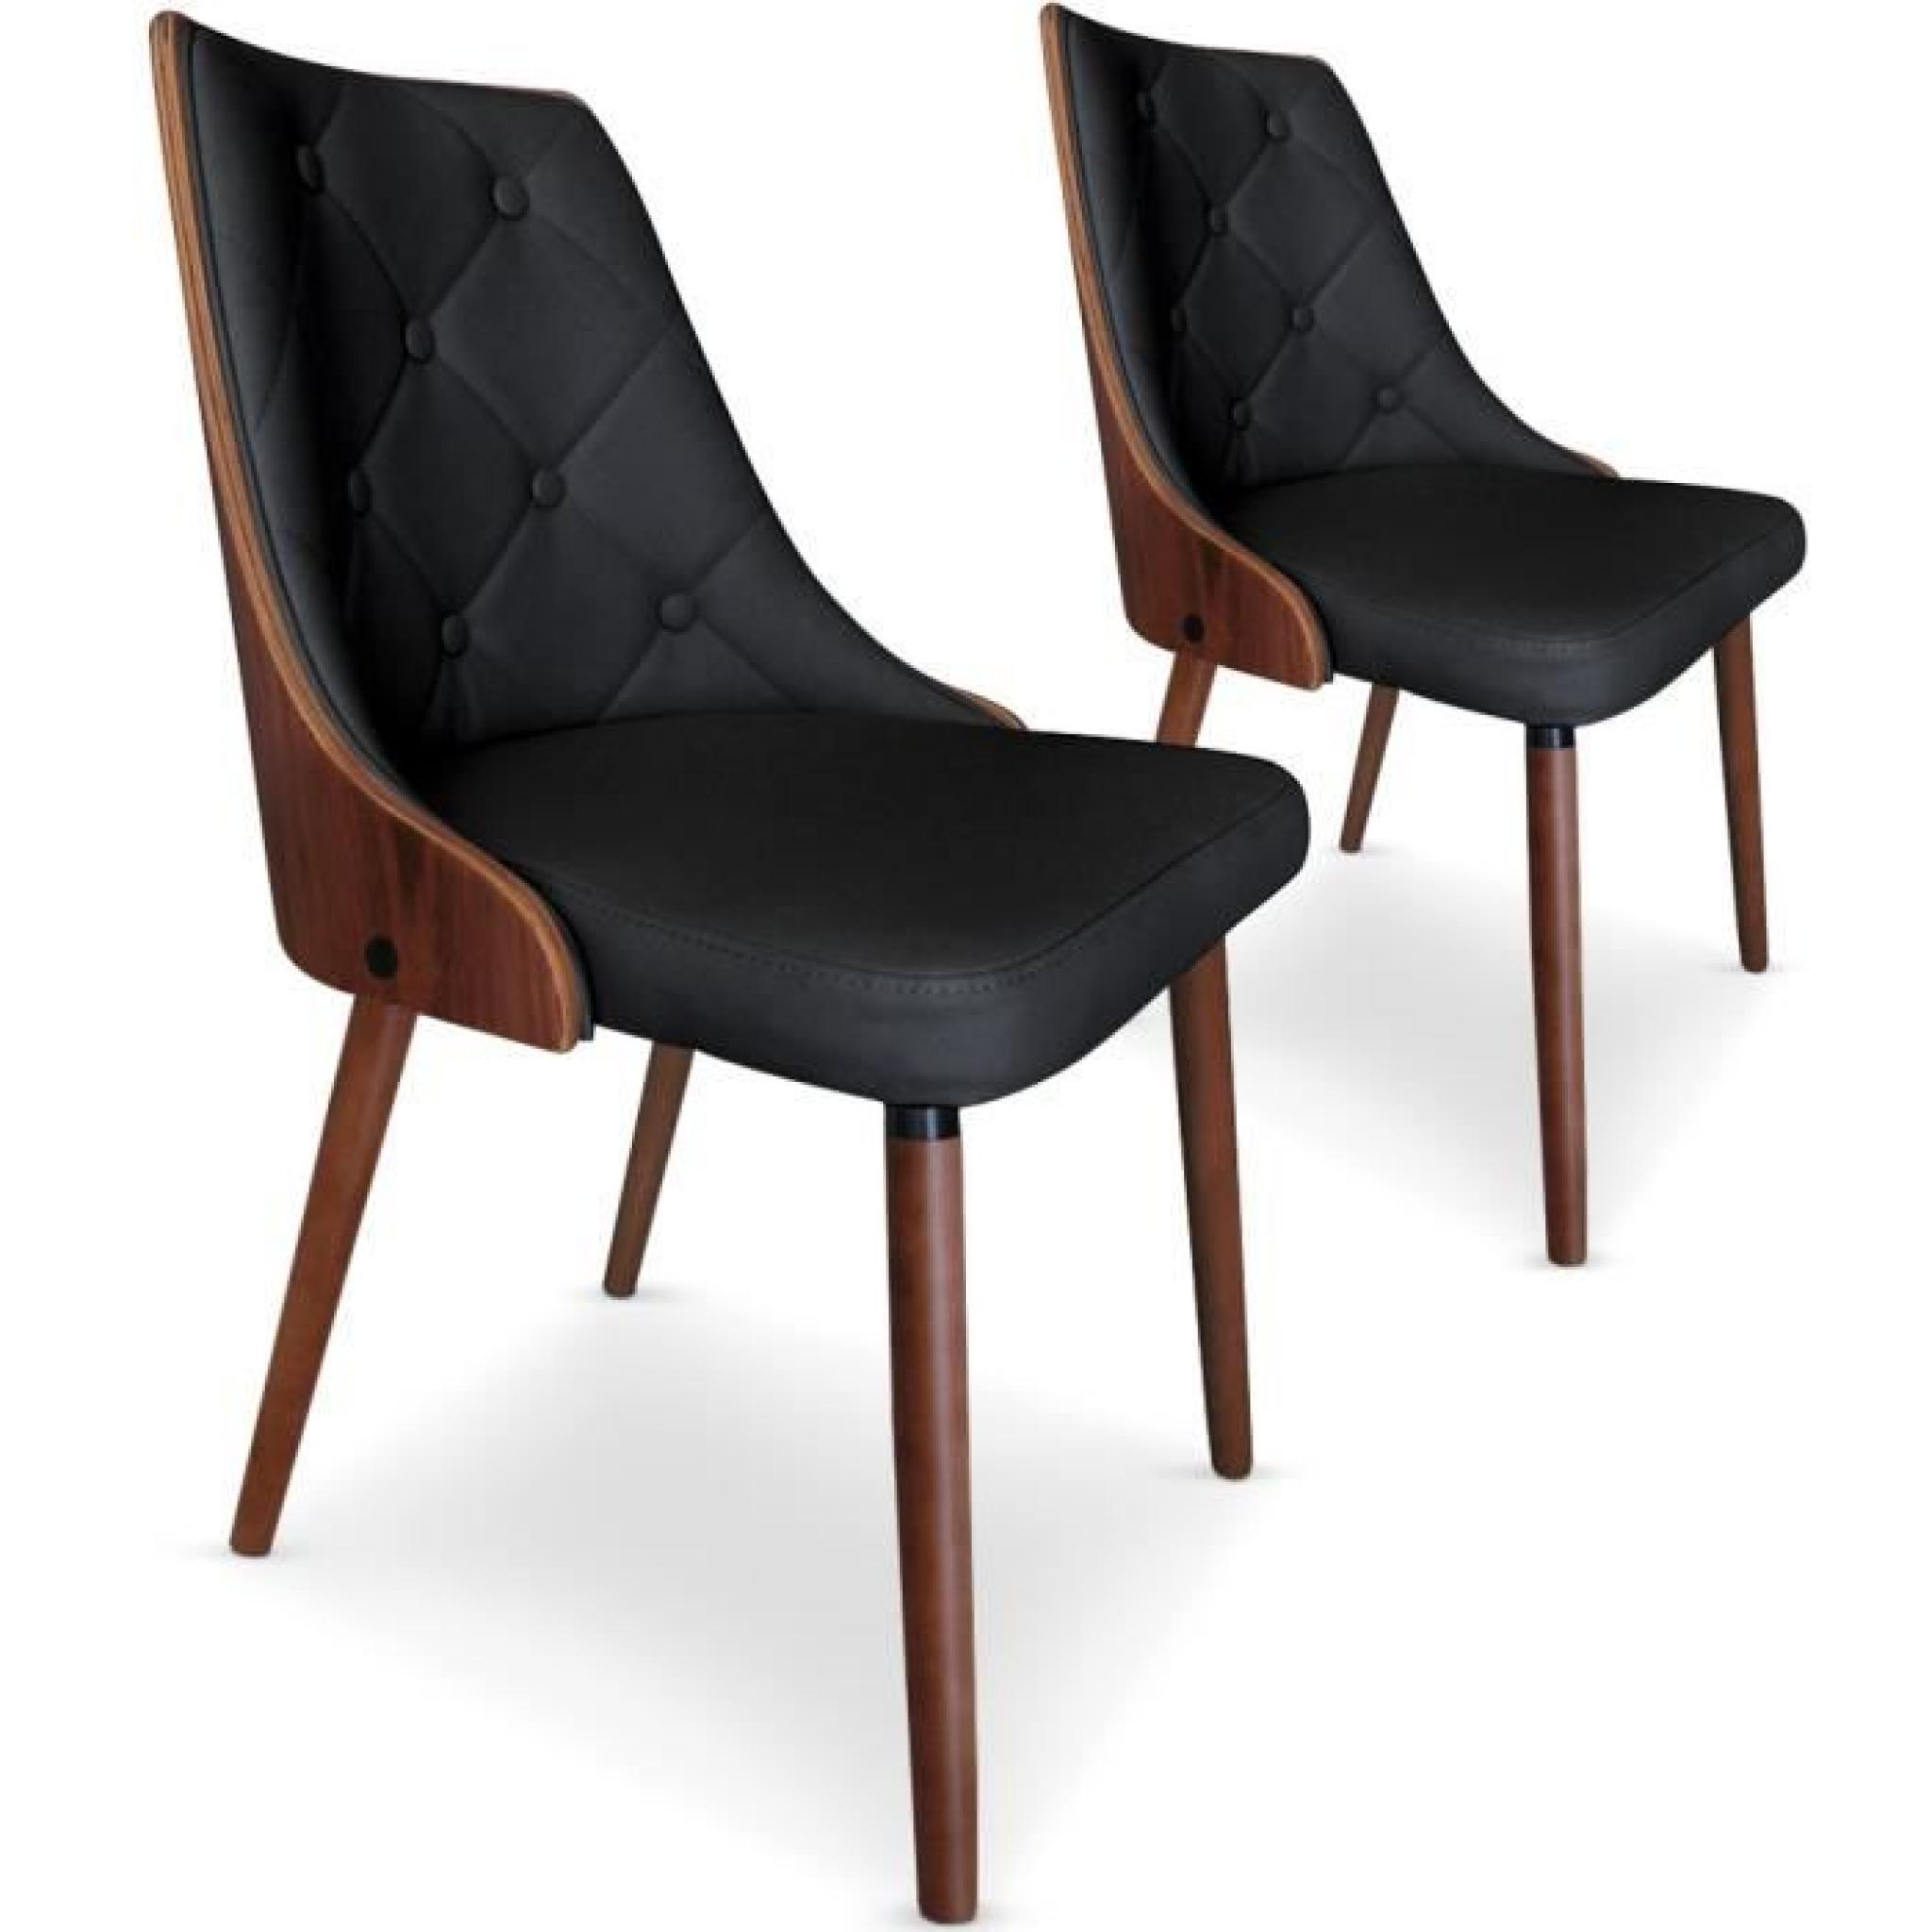 lot de 2 chaises scandinaves cadix bois noisette noir - Chaises Scandinaves Couleur